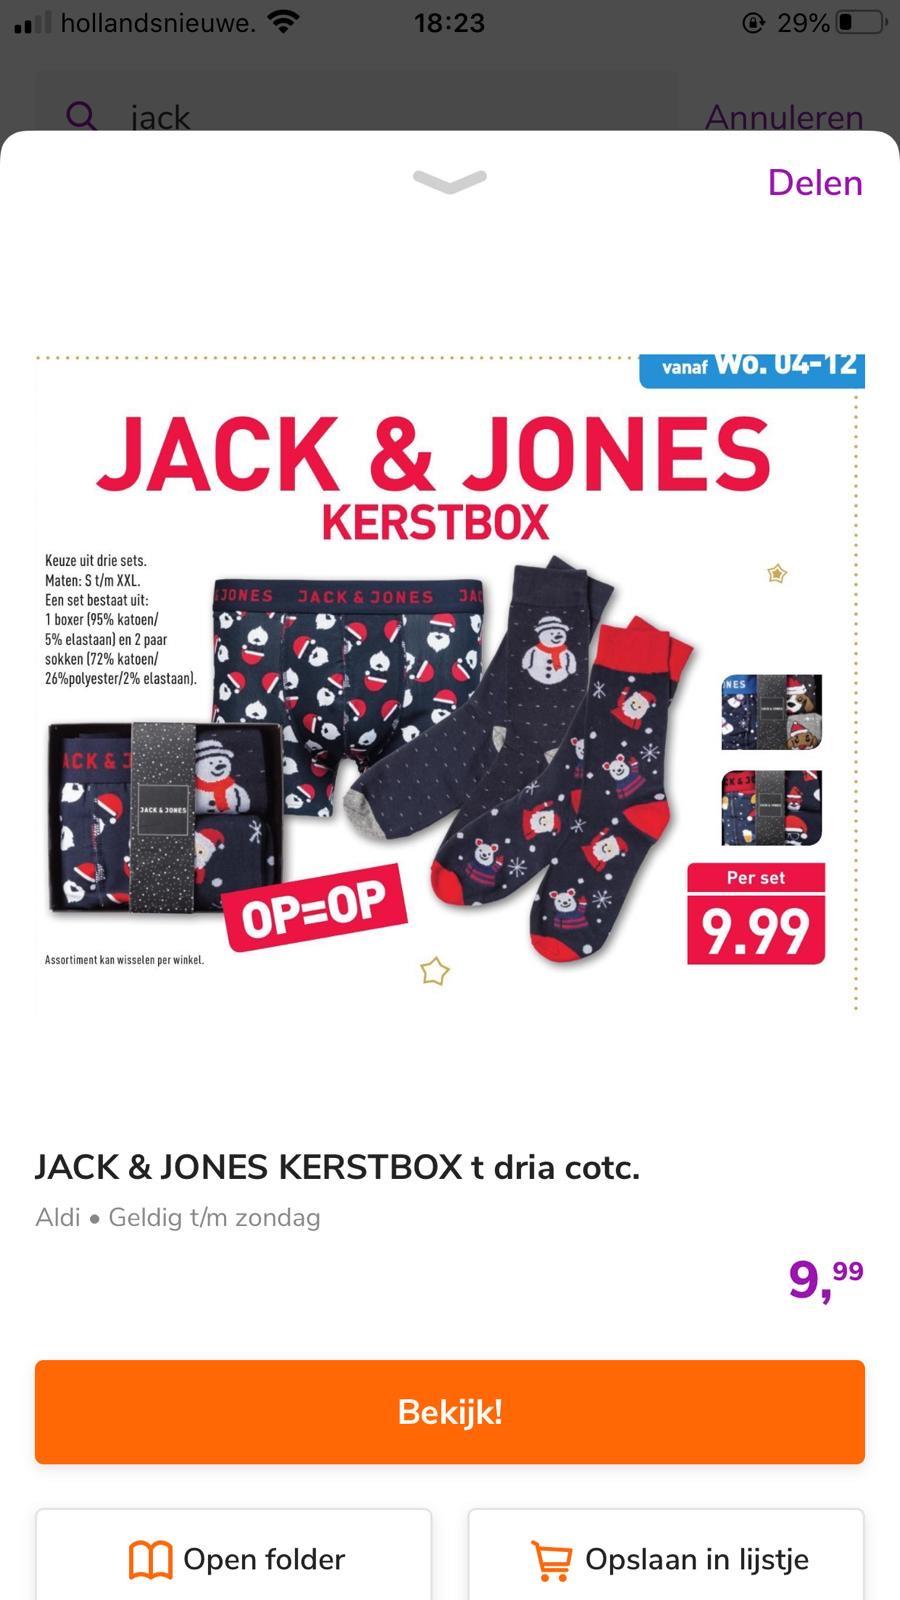 Jack&Jones kerstbox bij Aldi